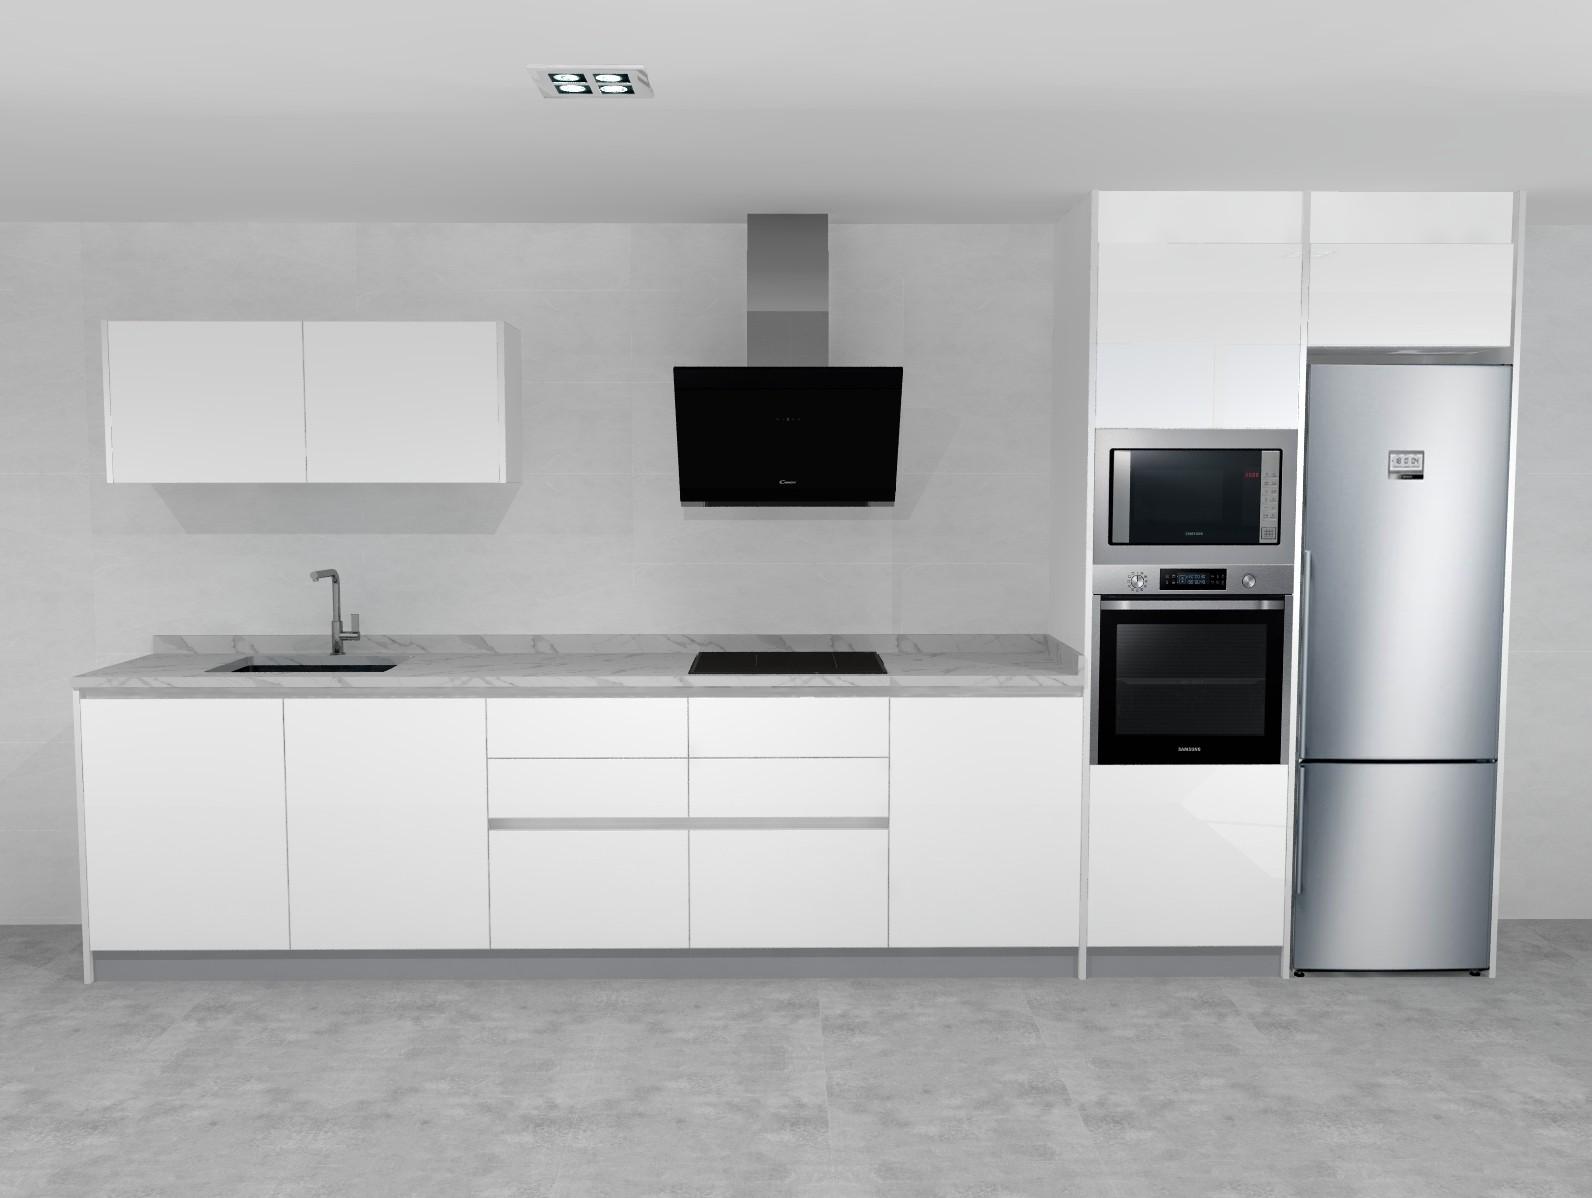 Oferta Pro para reformar su cocina en Valencia